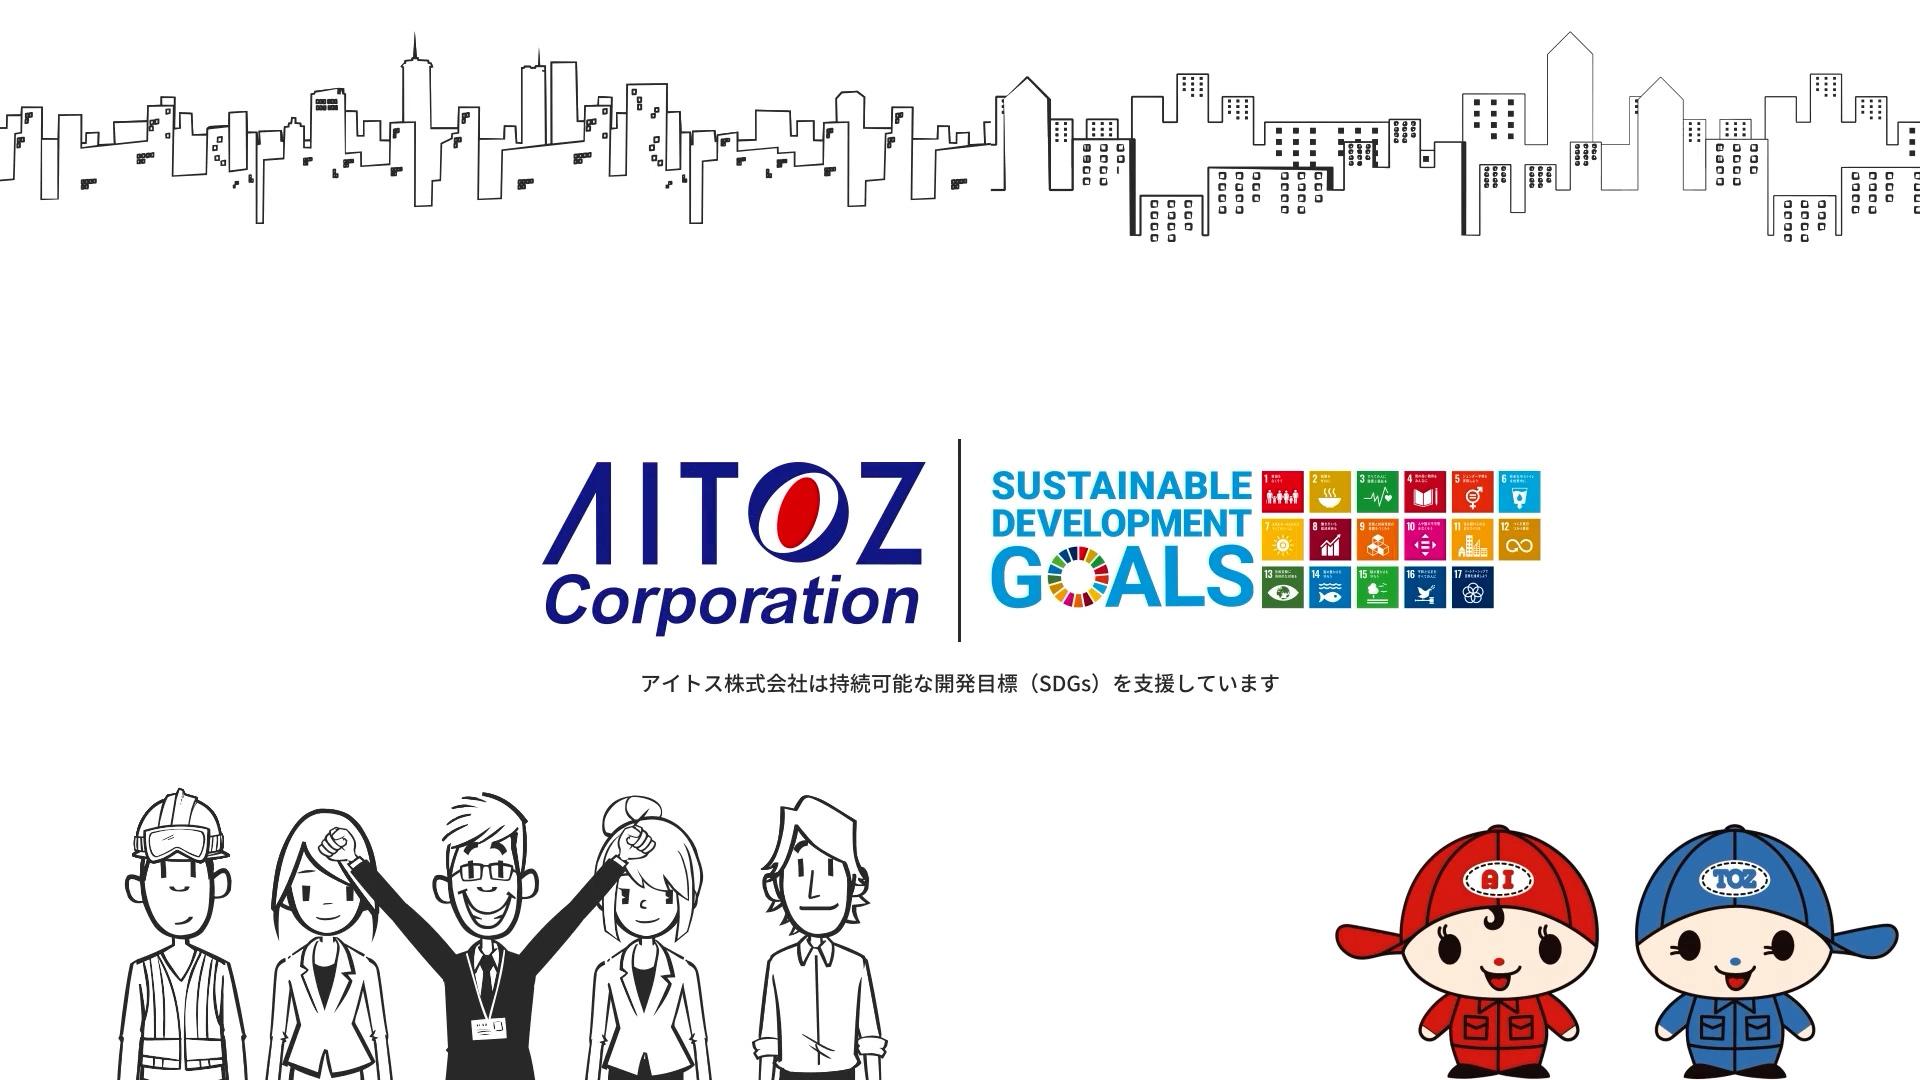 業界初!アイトスがSDGsアニメーション動画を初公開  ~「仕事服を通したSDGsへの貢献の仕方」を解説~